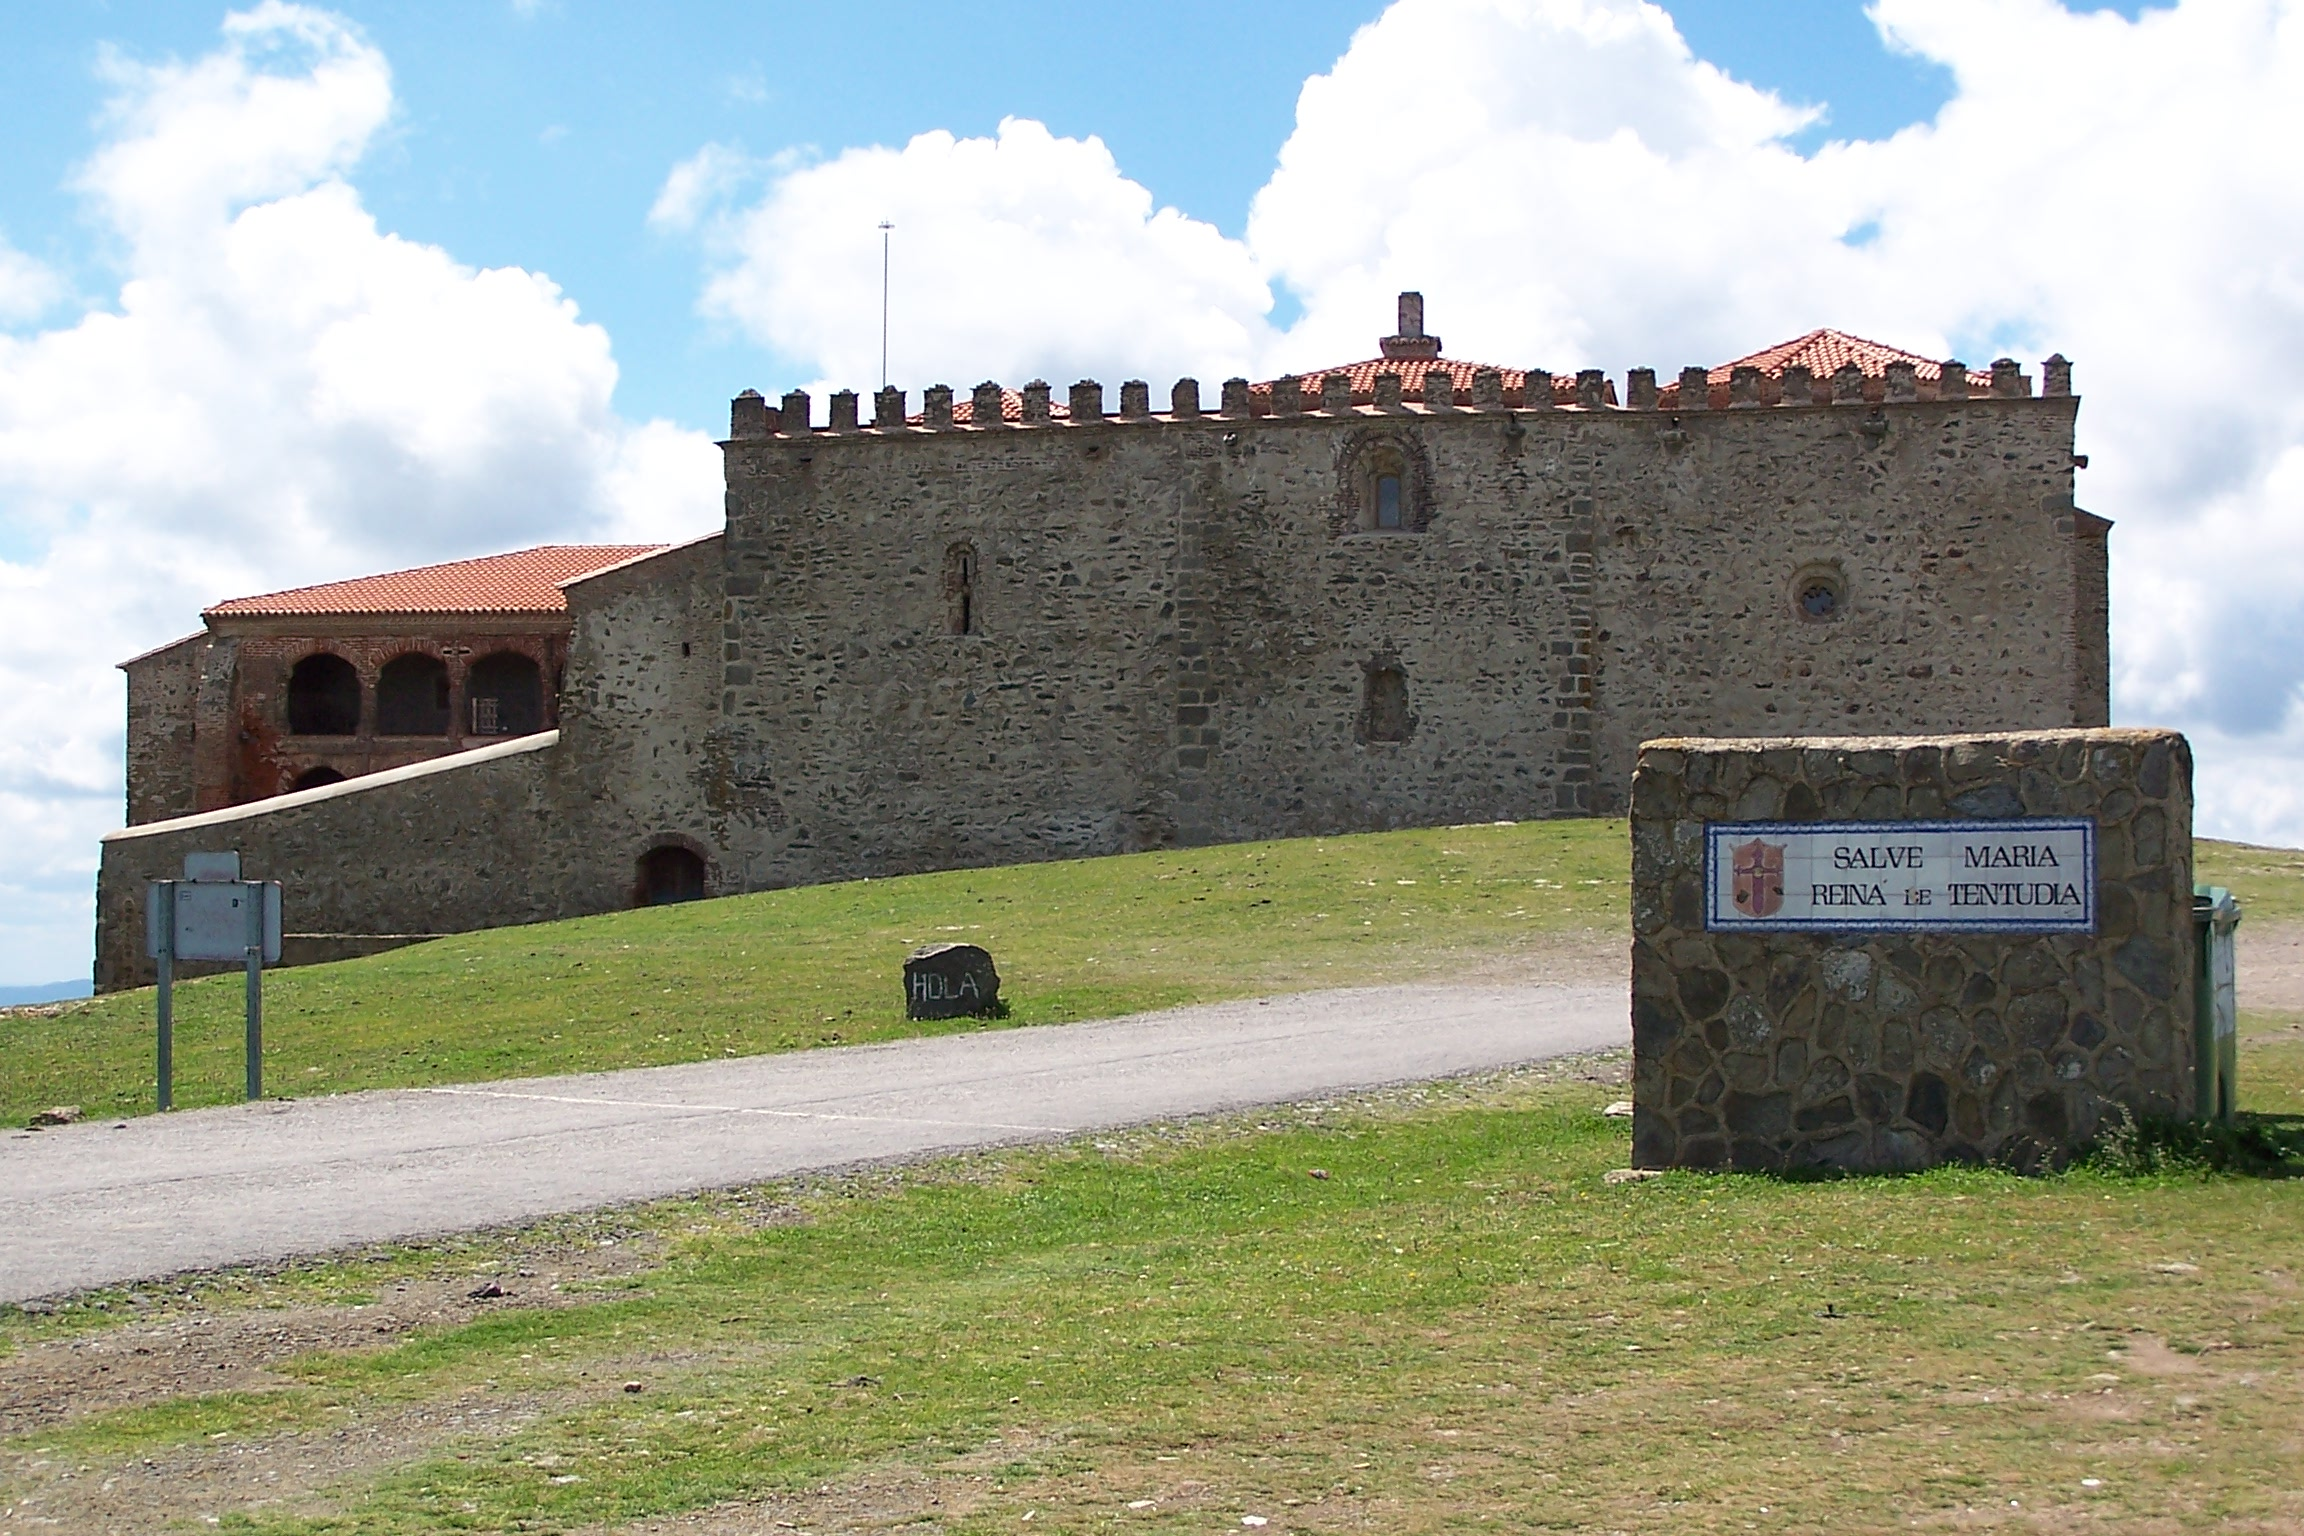 Monasterio de Tentudia en Calera